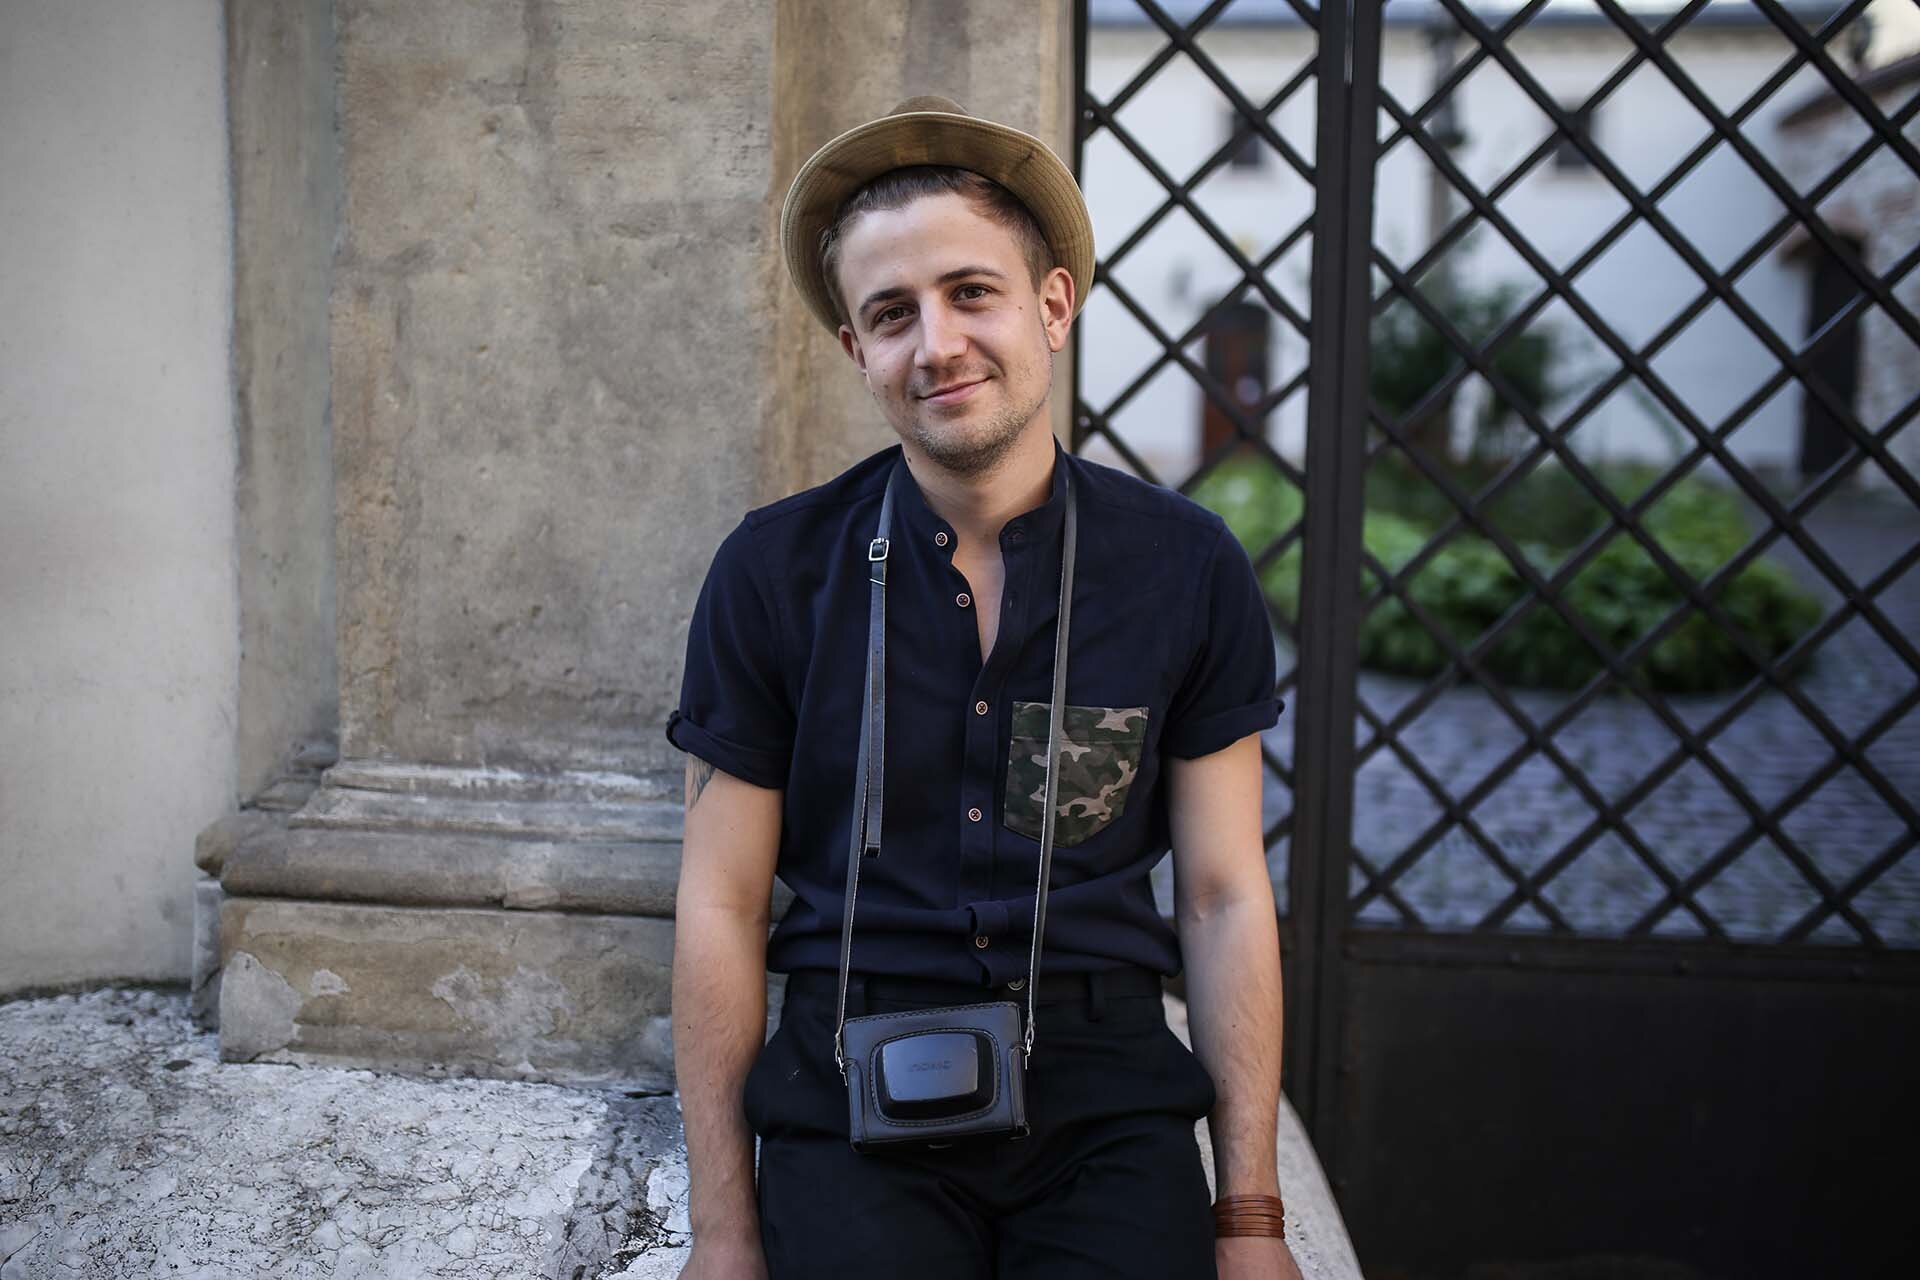 Moro kieszeń, Moro moda męska, GMALE, Blog o modzie męskiej, Grzegorz Paliś, Mężczyzna w kapeluszu